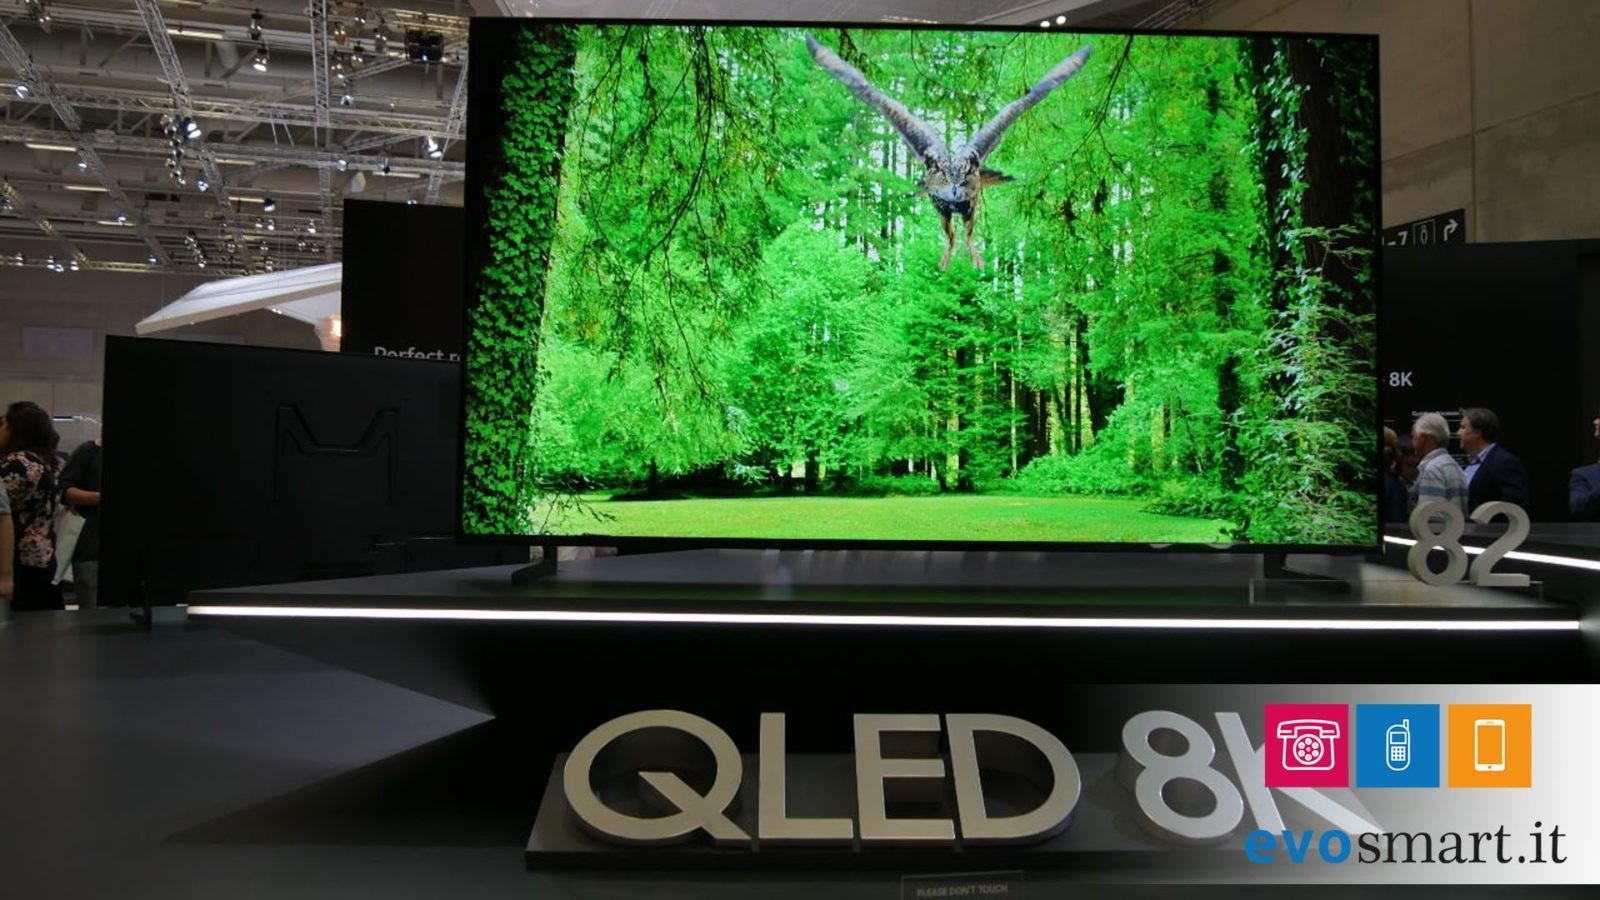 IFA 2018 | Samsung presenta la sua prima TV con risoluzione 8K | Aggiornamento | Evosmart.it